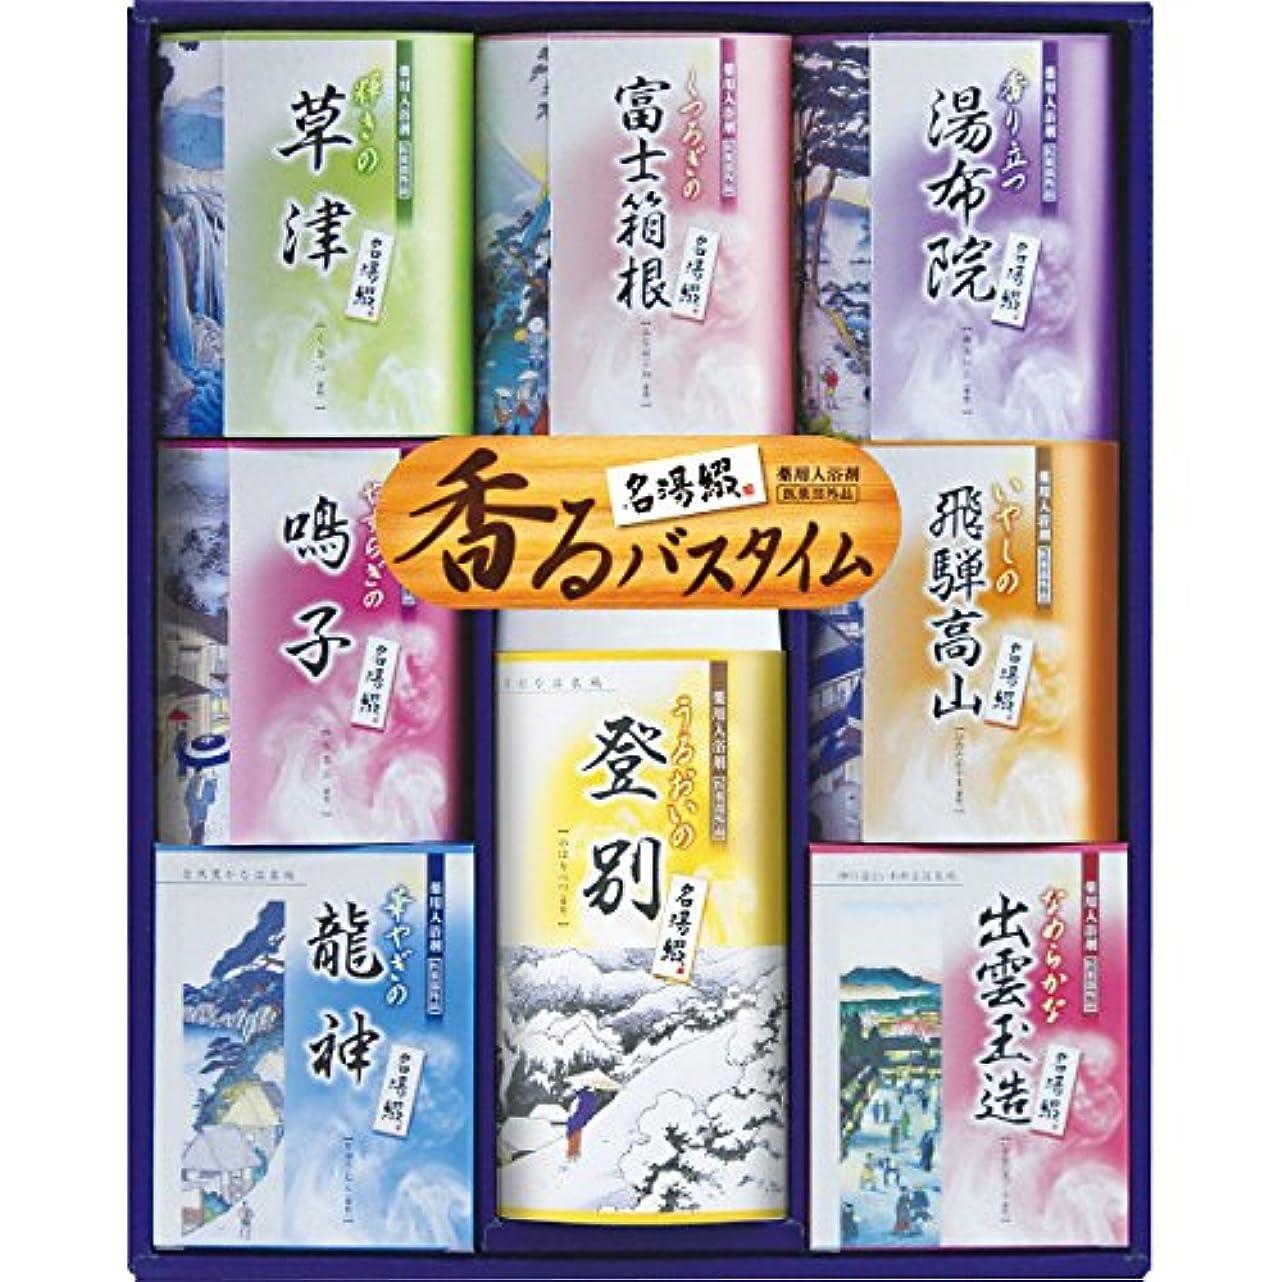 降雨唯一お誕生日敬老の日 贈り物 名湯綴入浴剤セット(SD)